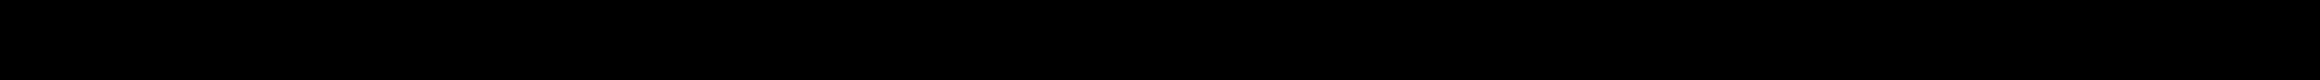 MAHLE ORIGINAL 72352094 Brandstoffilter